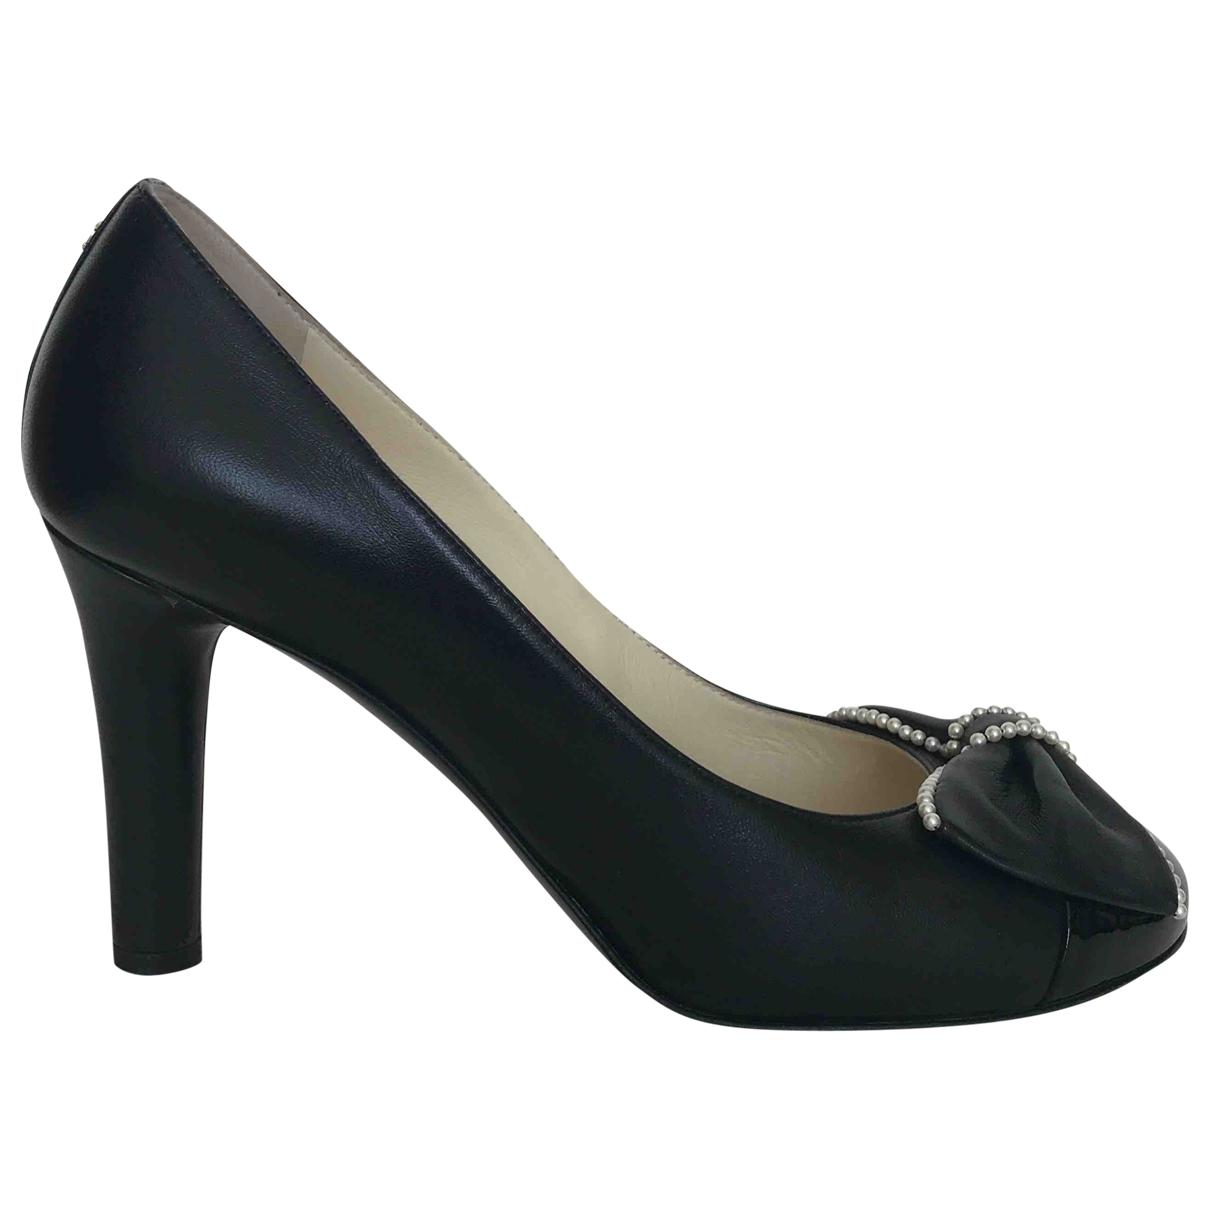 Chanel \N Black Leather Heels for Women 37.5 EU